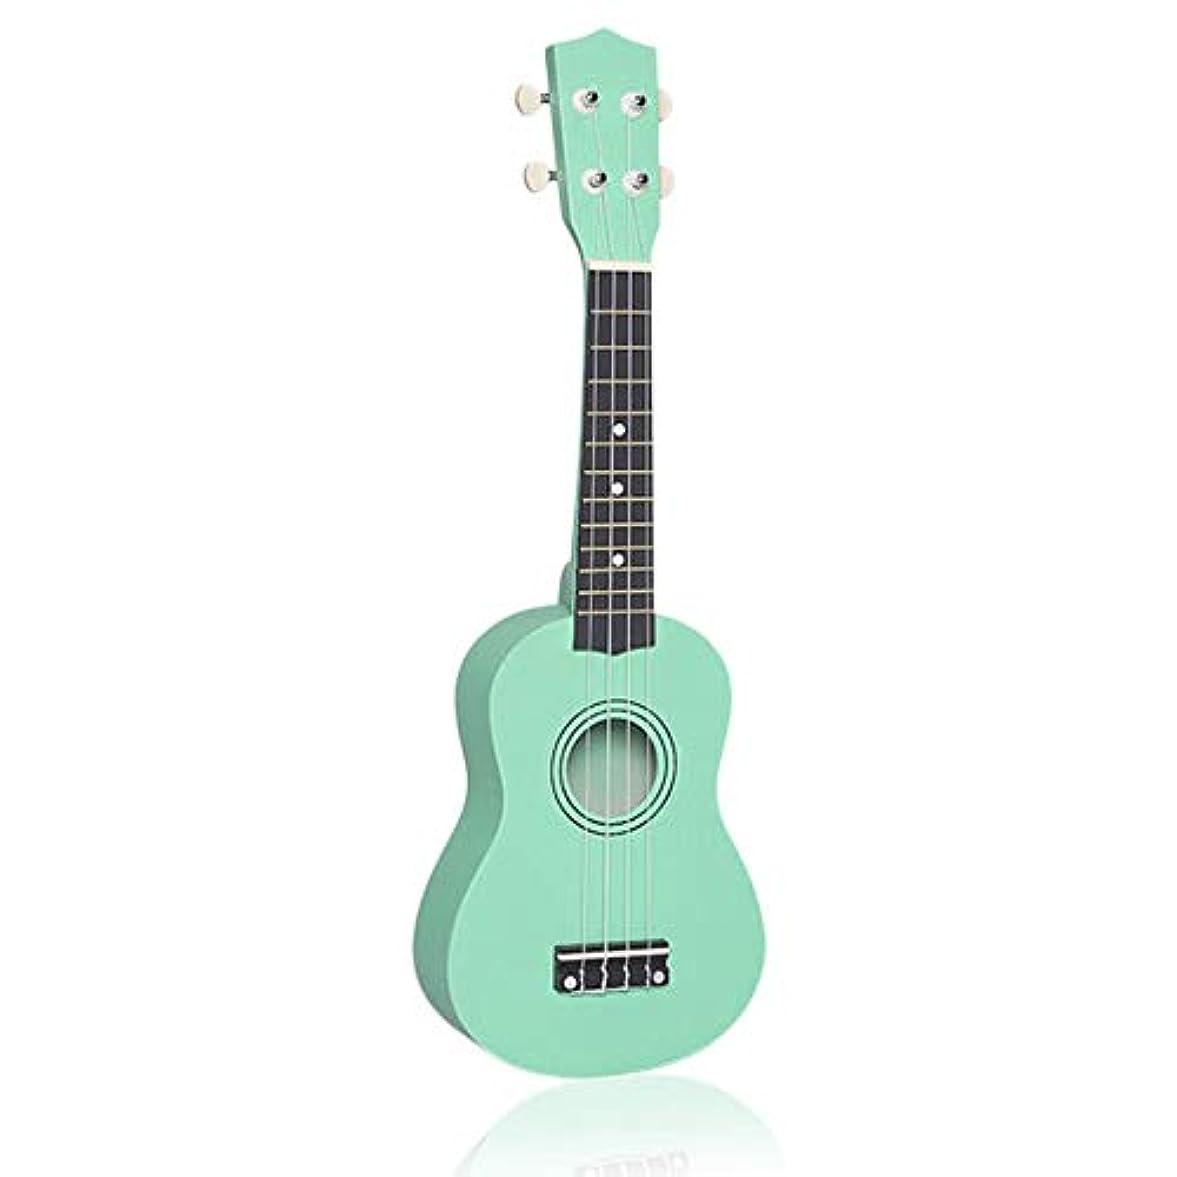 結婚式コードカップル大人および子供のための の携帯用小型サイズの専門の普遍的な音響のウクレレの楽器(Color:mint green)